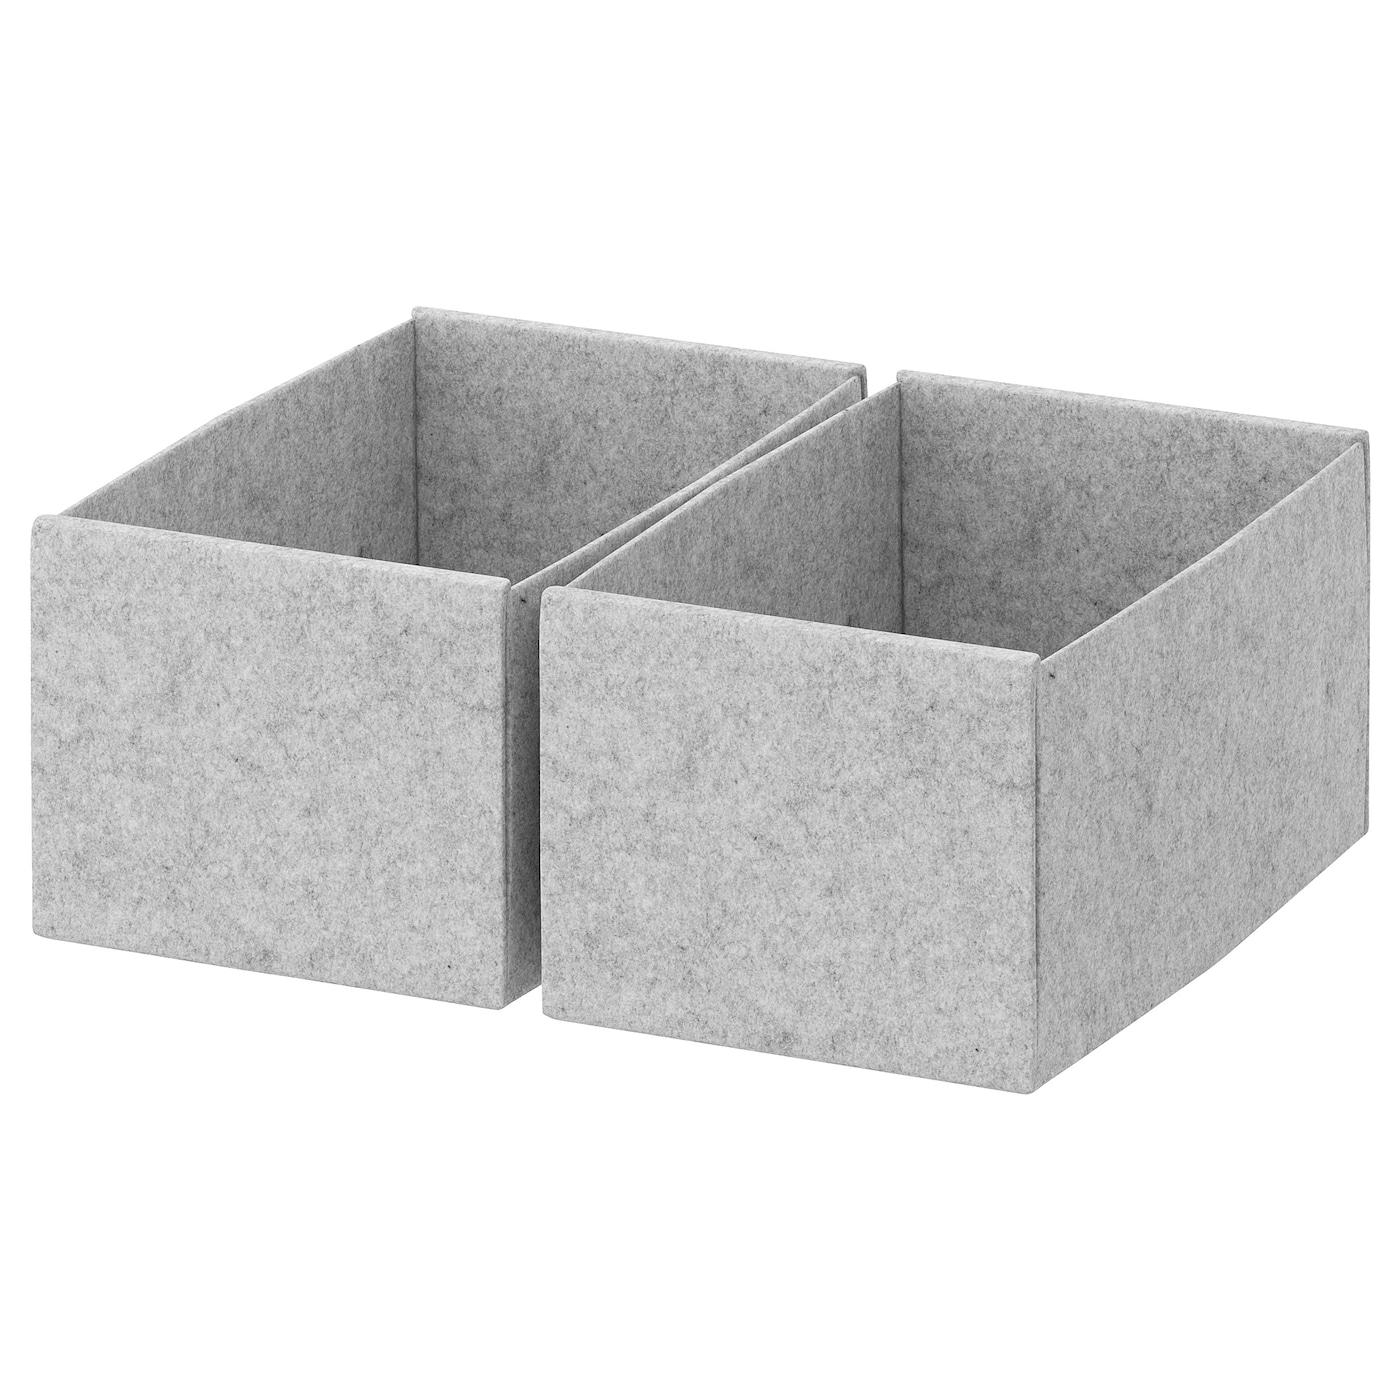 KOMPLEMENT Box – 27 x 15 x 12 cm – 2er Set